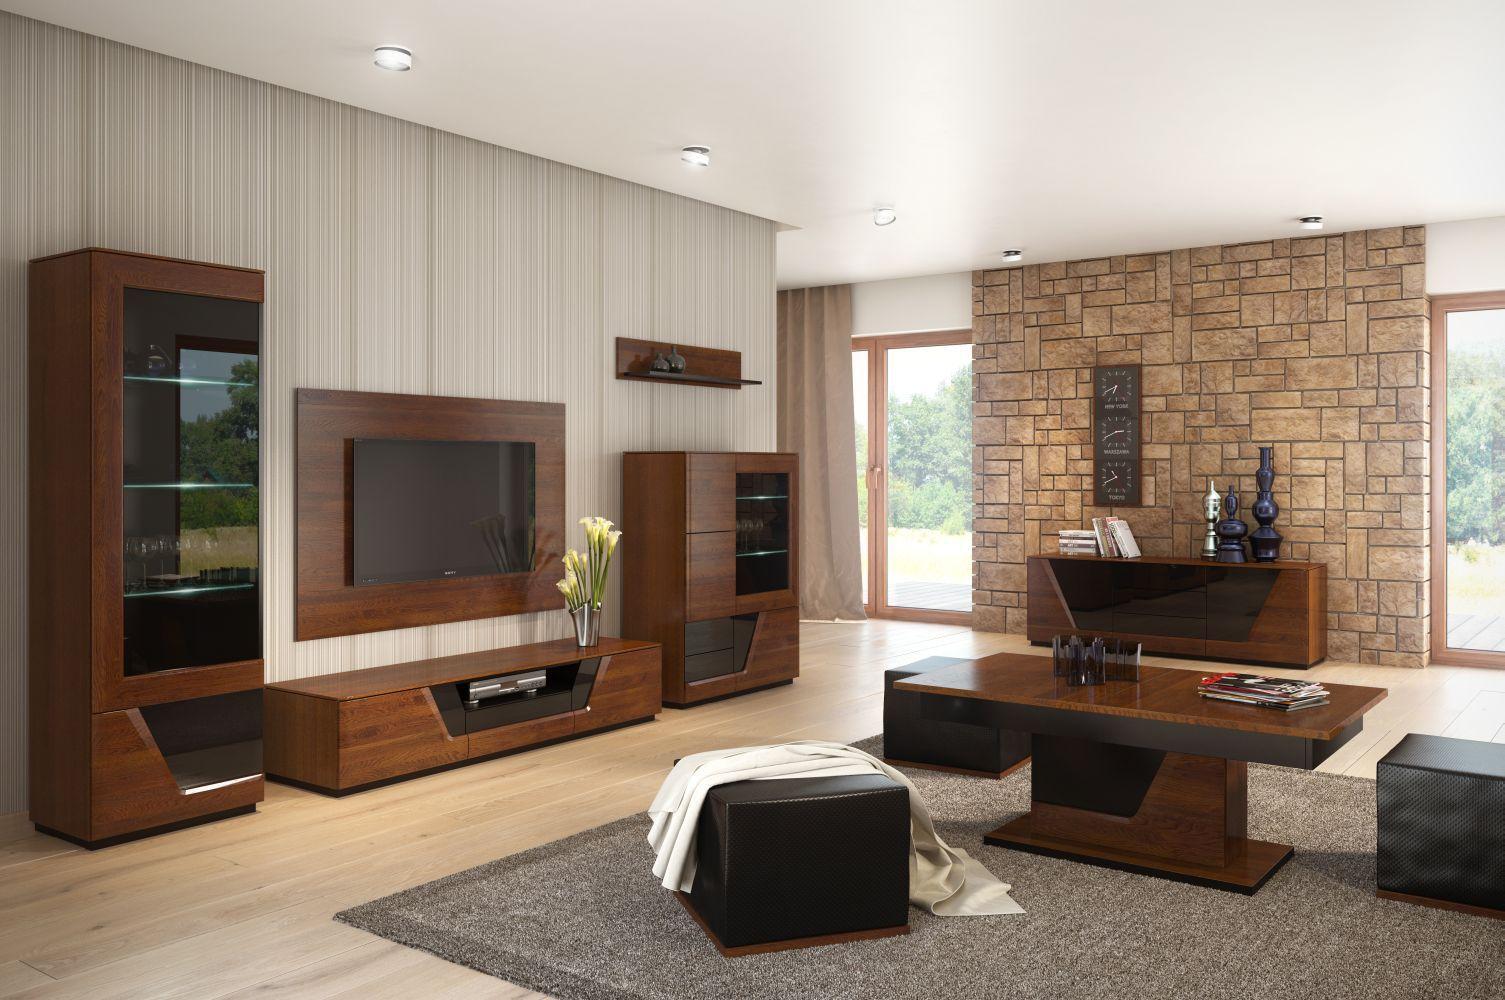 Wohnzimmer Komplett - Set F Medulin, 10-teilig, teilmassiv, Farbe: Walnuss / Schwarz